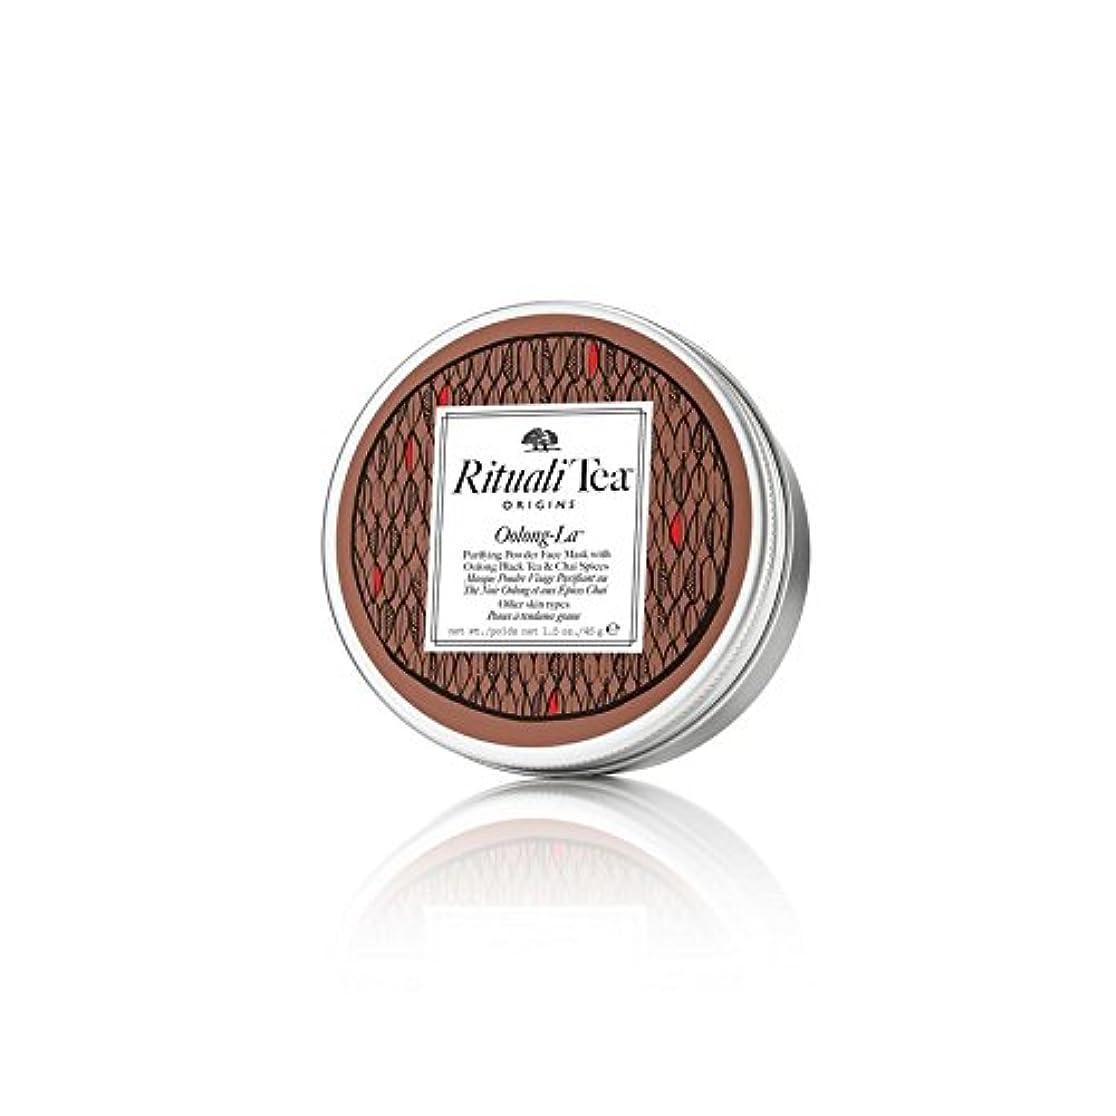 庭園ひまわり余剰起源抹茶フェイスマスク烏龍茶ラ45グラム x4 - Origins Powdered Tea Face Mask Oolong-La 45g (Pack of 4) [並行輸入品]